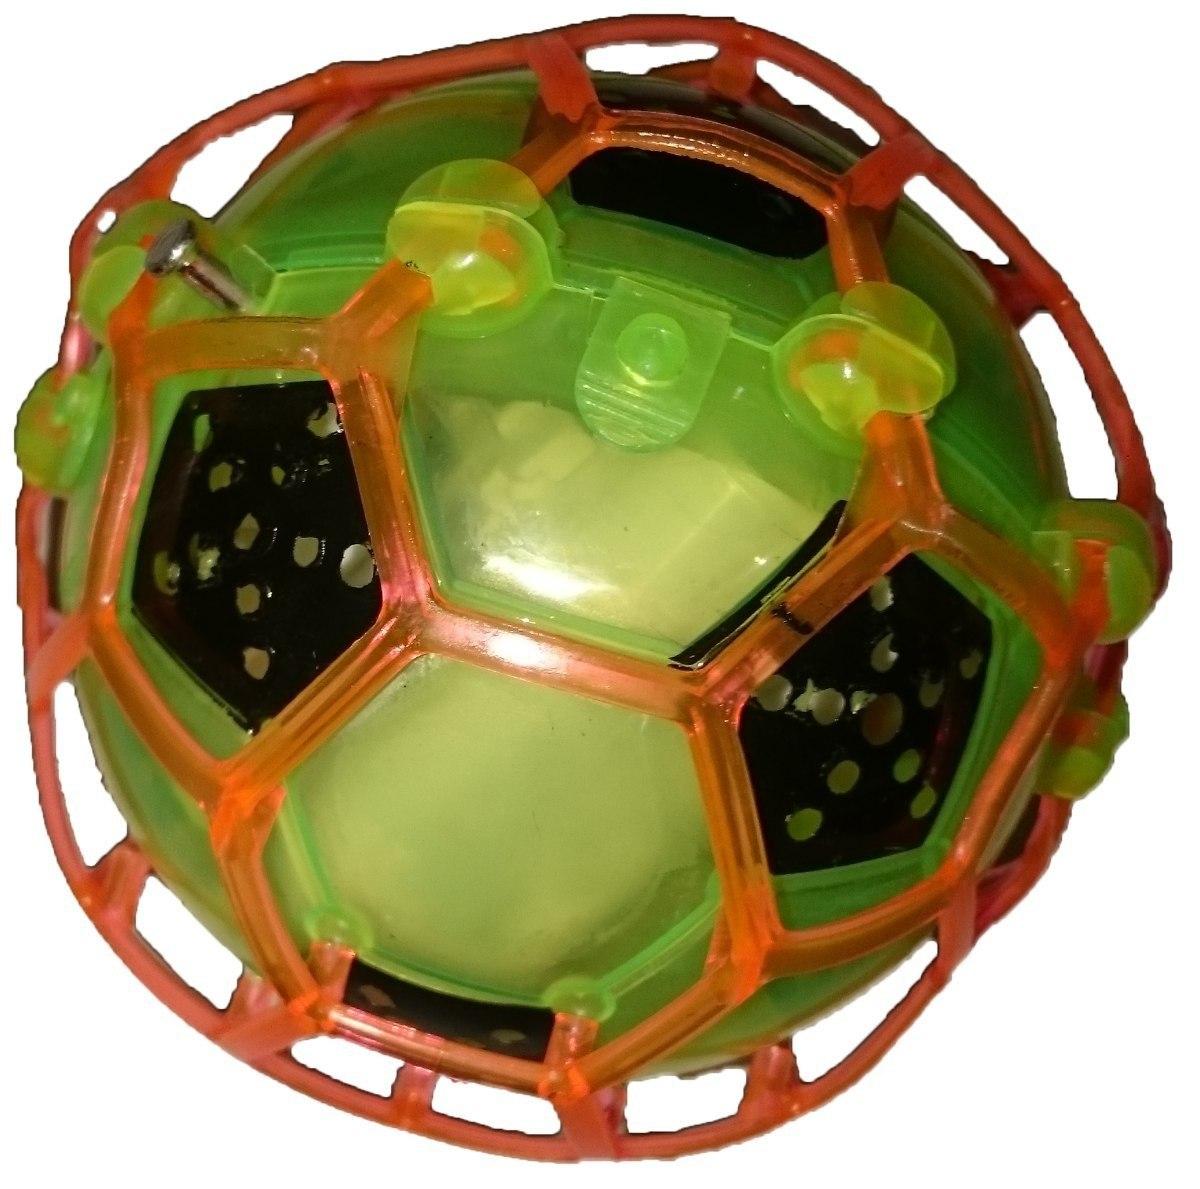 01c1f645e5 Brinquedo Bola Maluca Bebê Criança Pula Vibra C  Luz De Led - R  27 ...